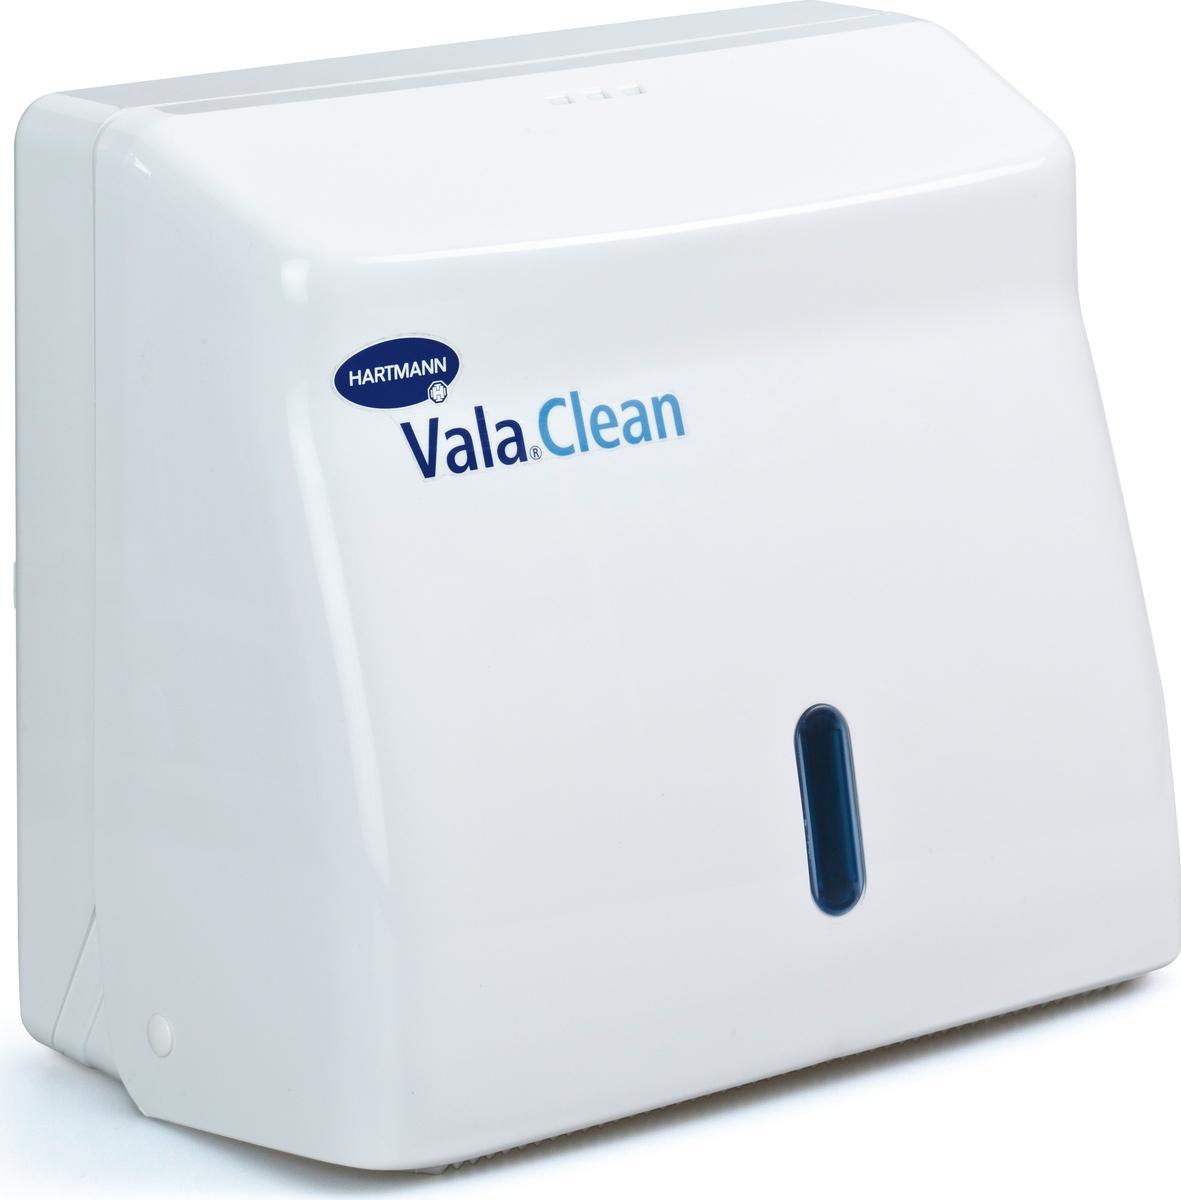 Контейнер для хранения и изъятия одноразовых полотенец. Защищает рулон от загрязнения.